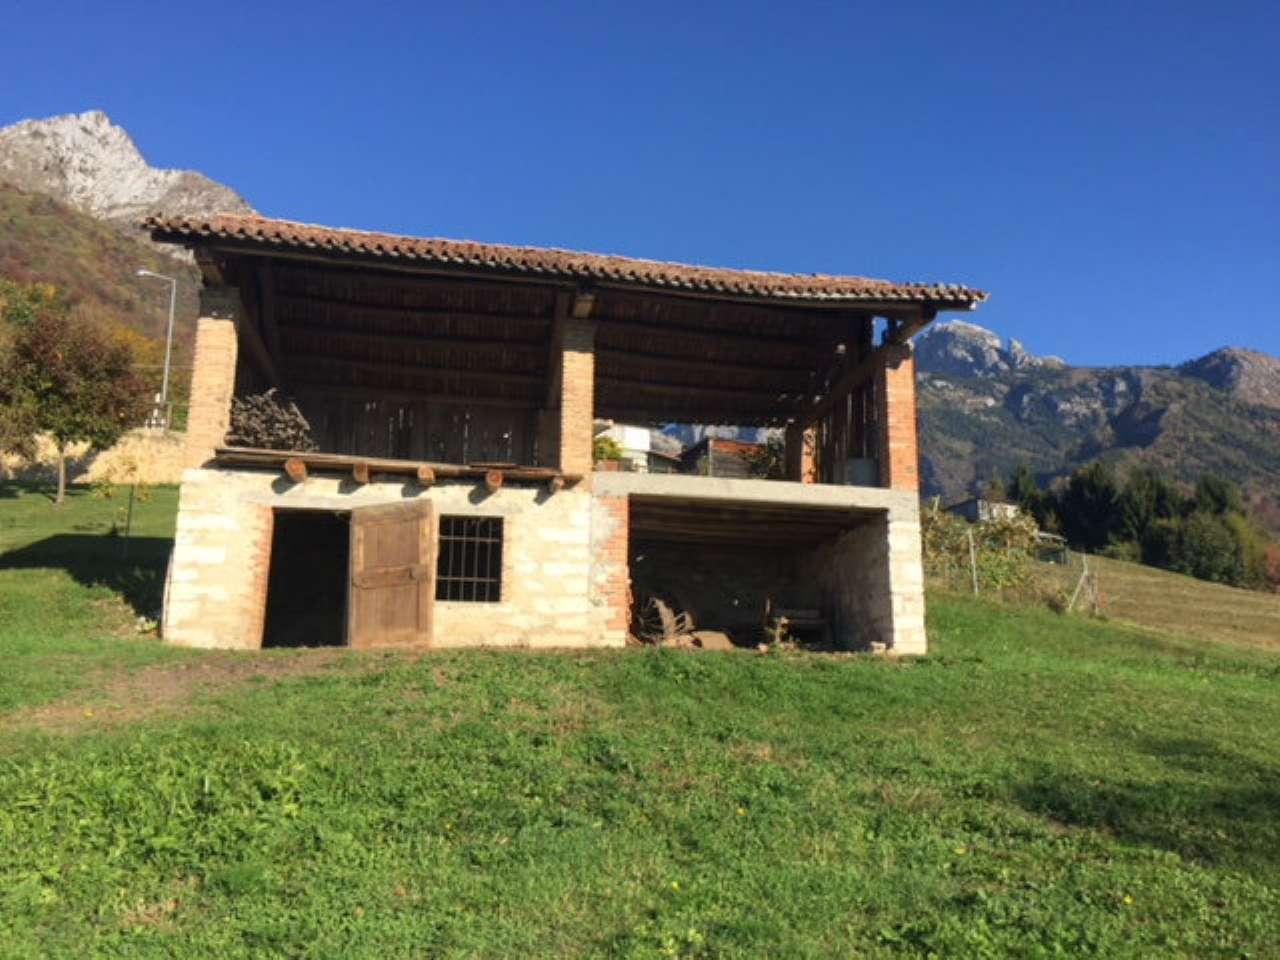 Rustico / Casale in vendita a Santa Giustina, 9999 locali, prezzo € 49.000 | CambioCasa.it